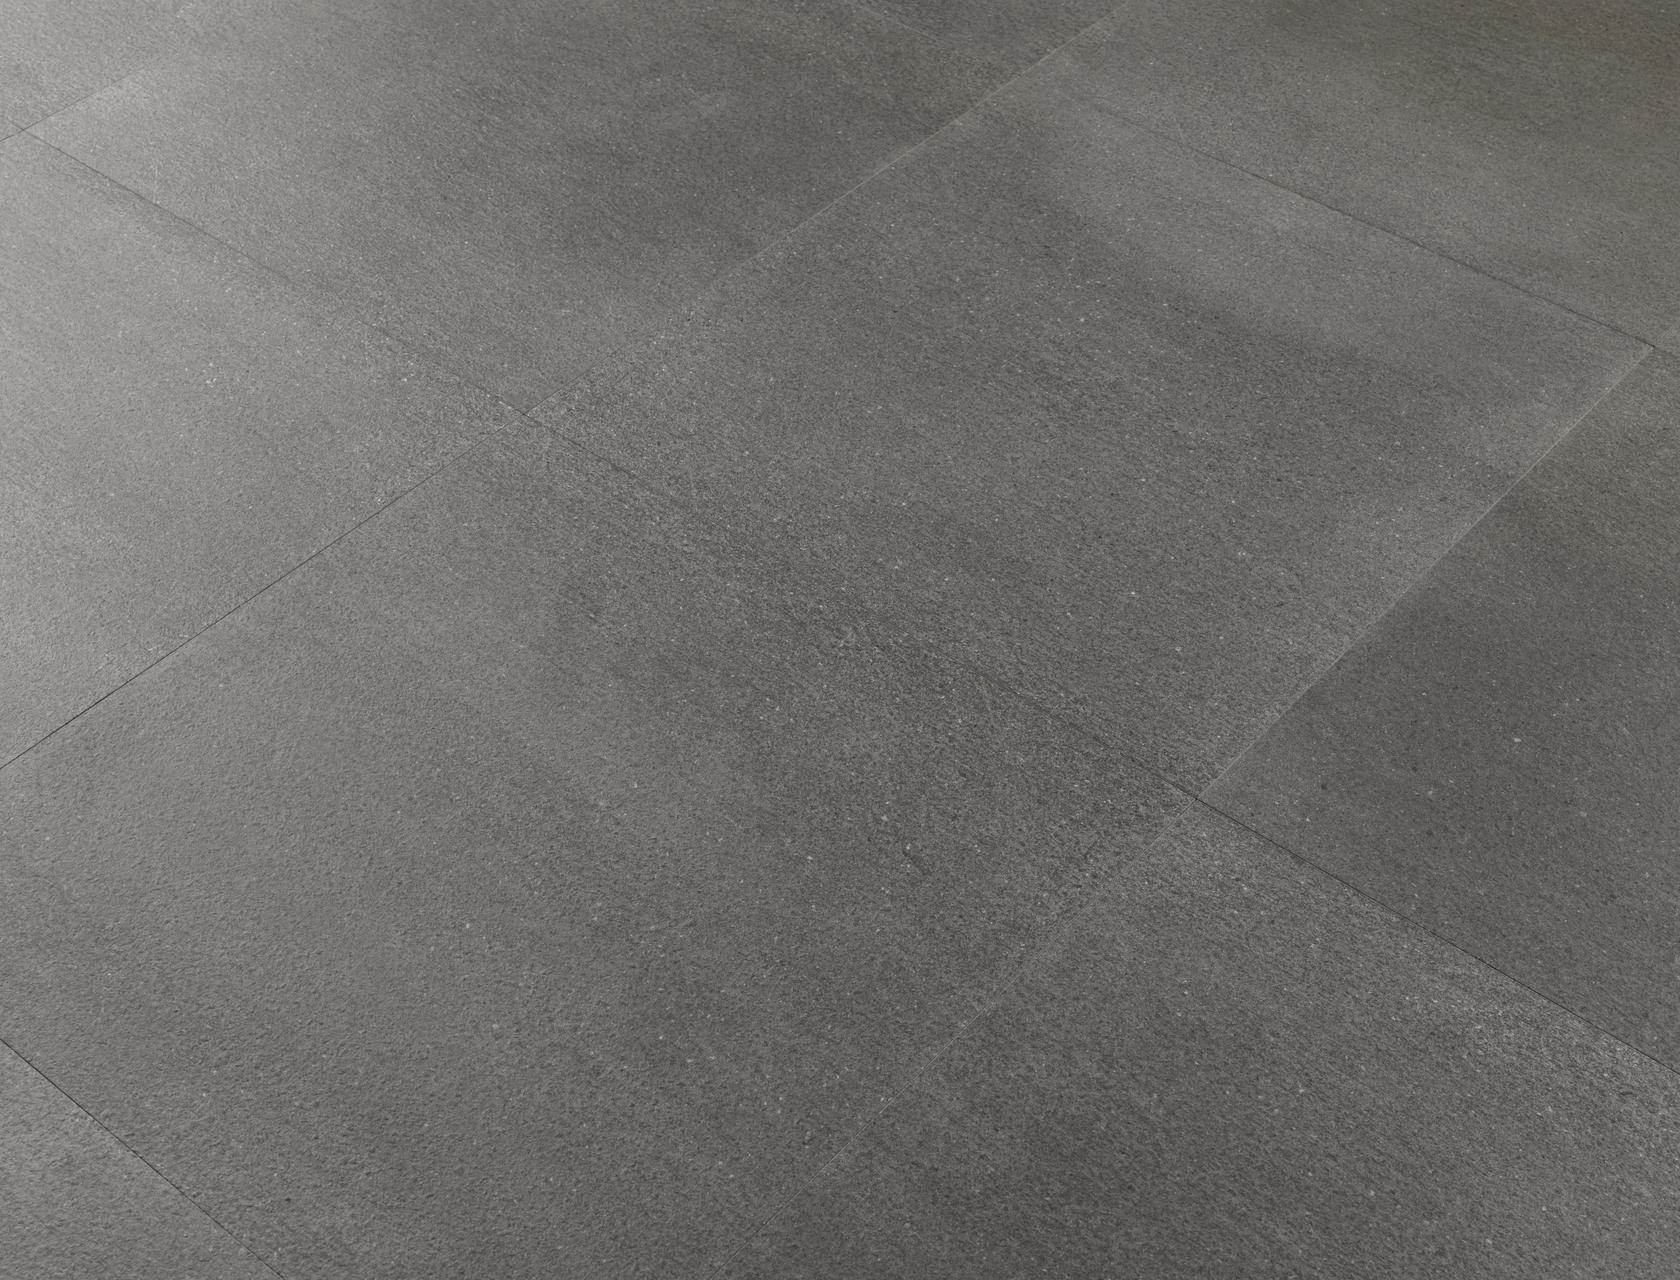 Pavimento per esterni effetto pietra basalto grigio for Pavimento gres effetto pietra